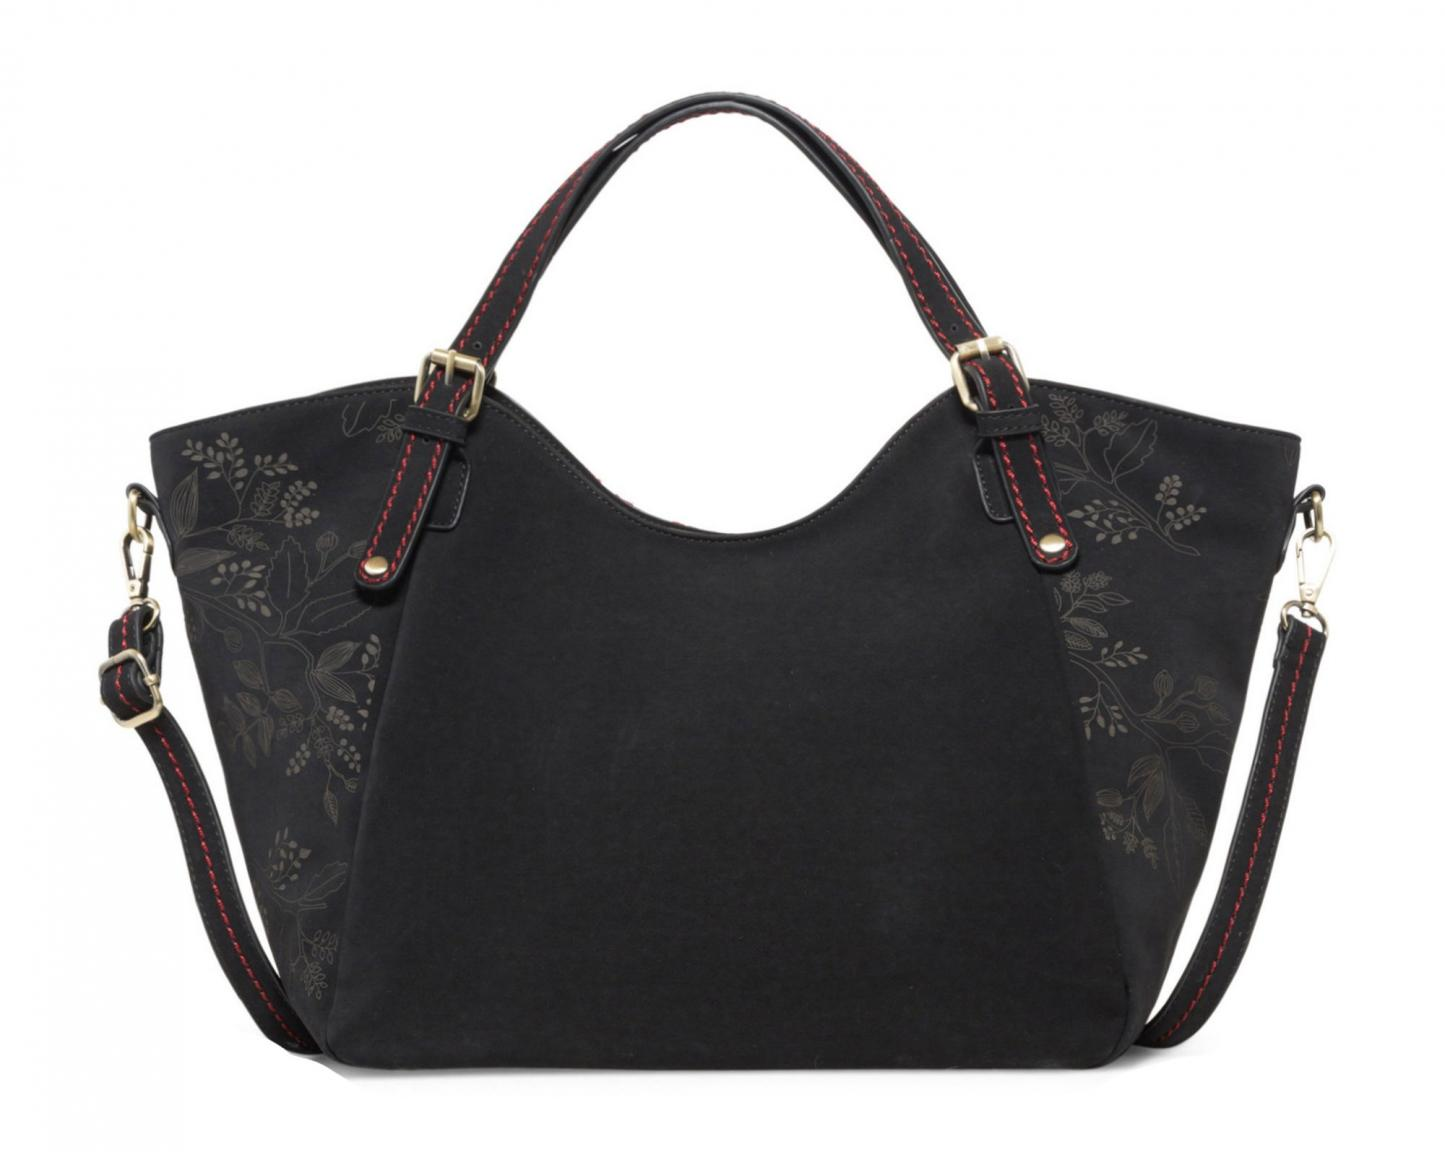 Handtasche Desigual Cozy Rotterdam schwarz rot Filz geprägt